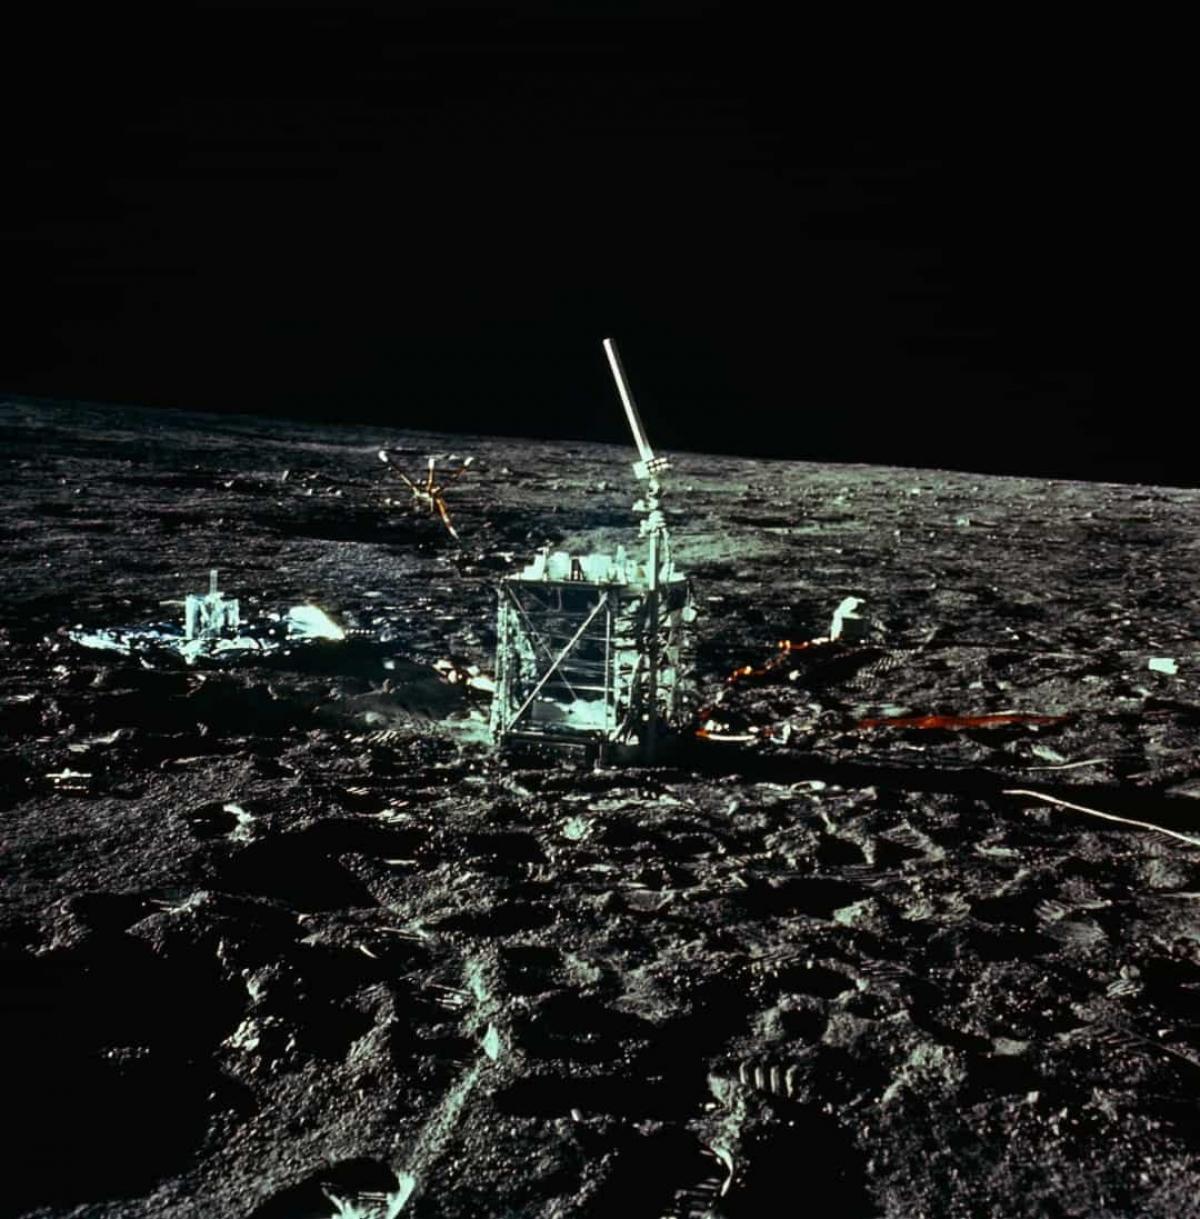 """Mặt Trăng rung chuyển rất nhiều. Các máy đo địa chấn được đặt trên bề mặt của Mặt Trăng để theo dõi hoạt động địa chấn. Kết quả cho thấy những trận """"động trăng"""" (moonquakes) thường xuyênxảy ra.Không giống như những trận động đất kéo dài trung bình trong 30 giây trên Trái Đất, các trận động trăng có thể kéo dài tới 10 phút."""